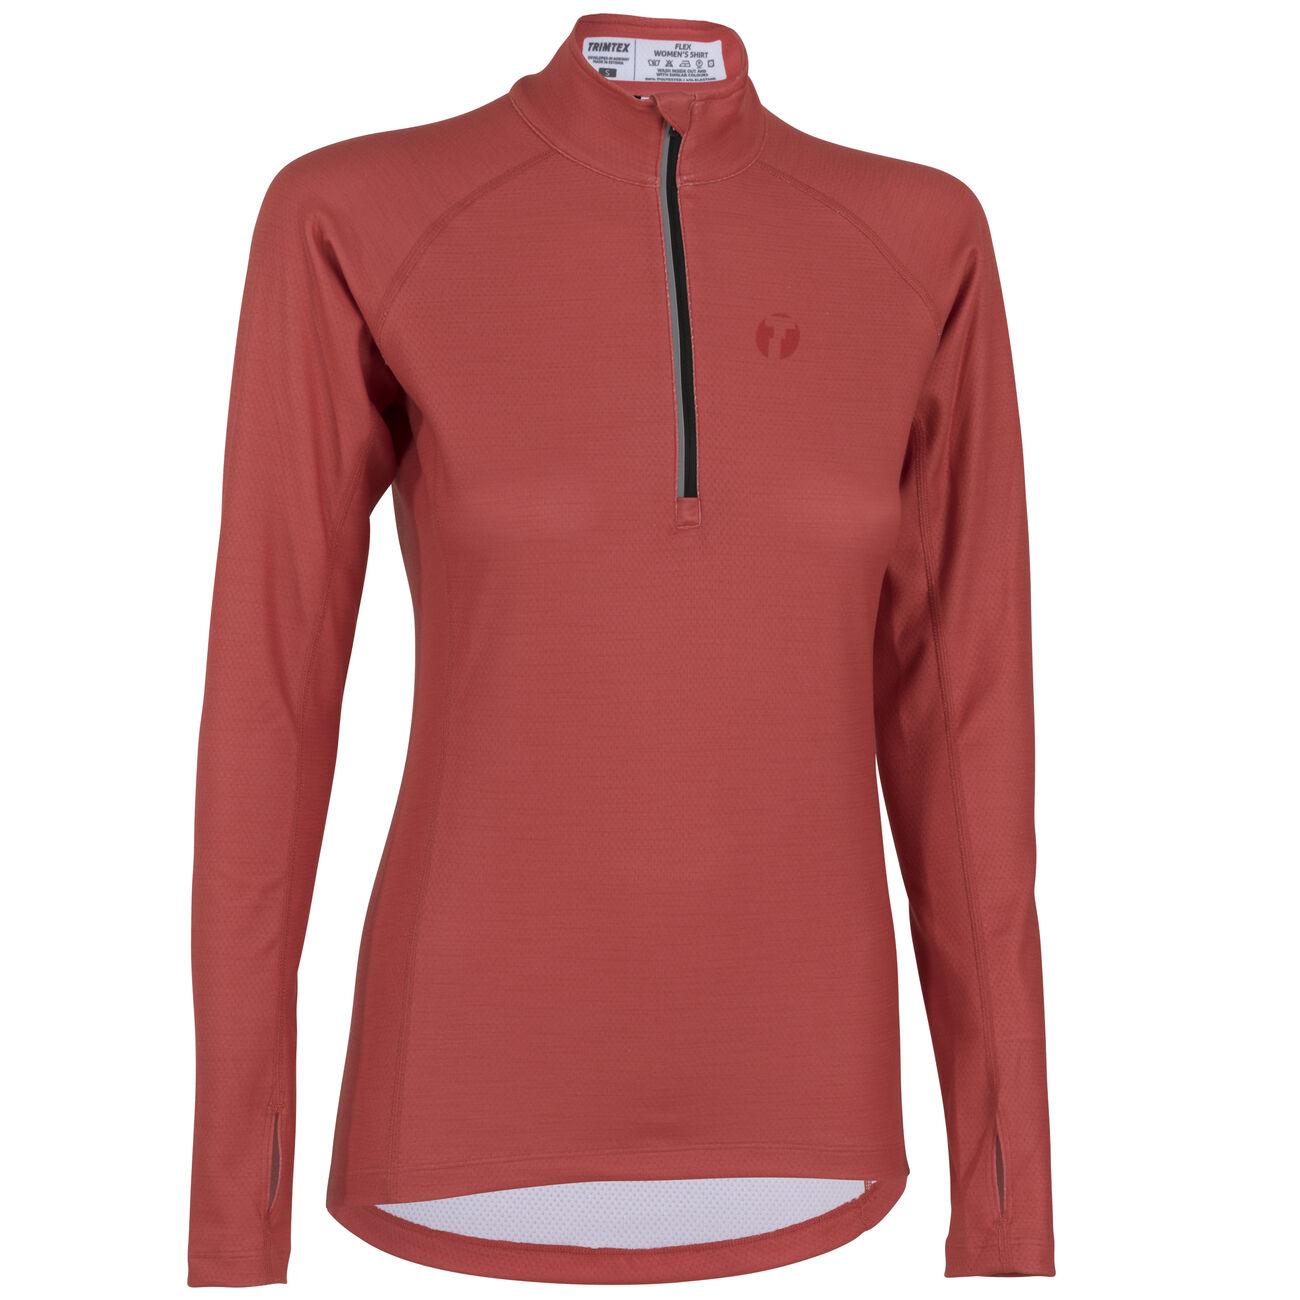 Flex LS shirt women's